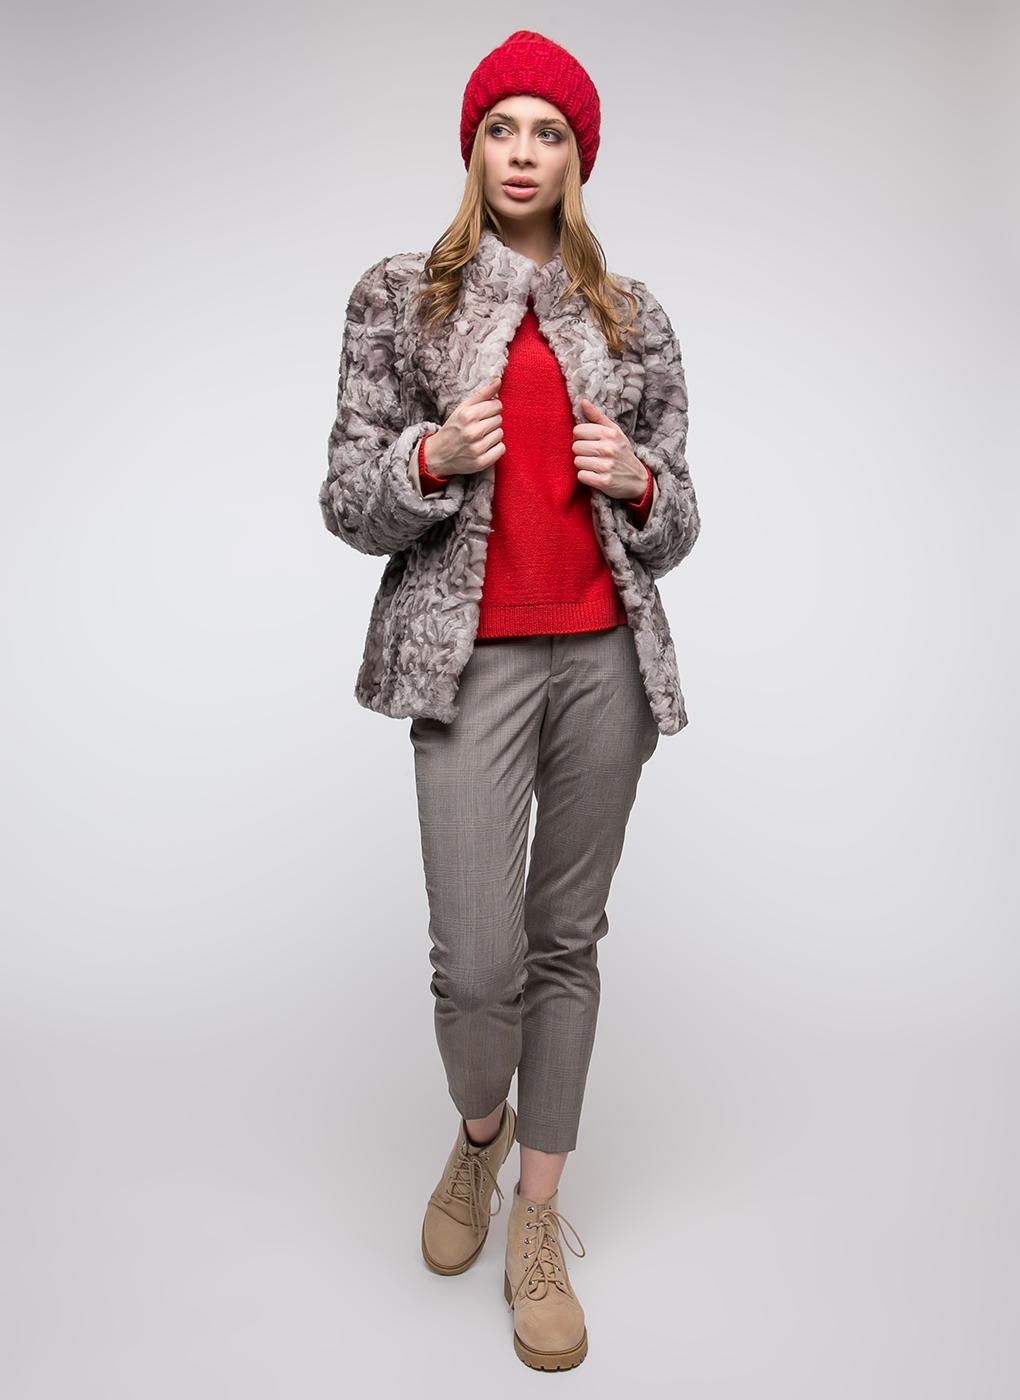 Куртка из овчины приталенная 01, Dzhanbekoff фото